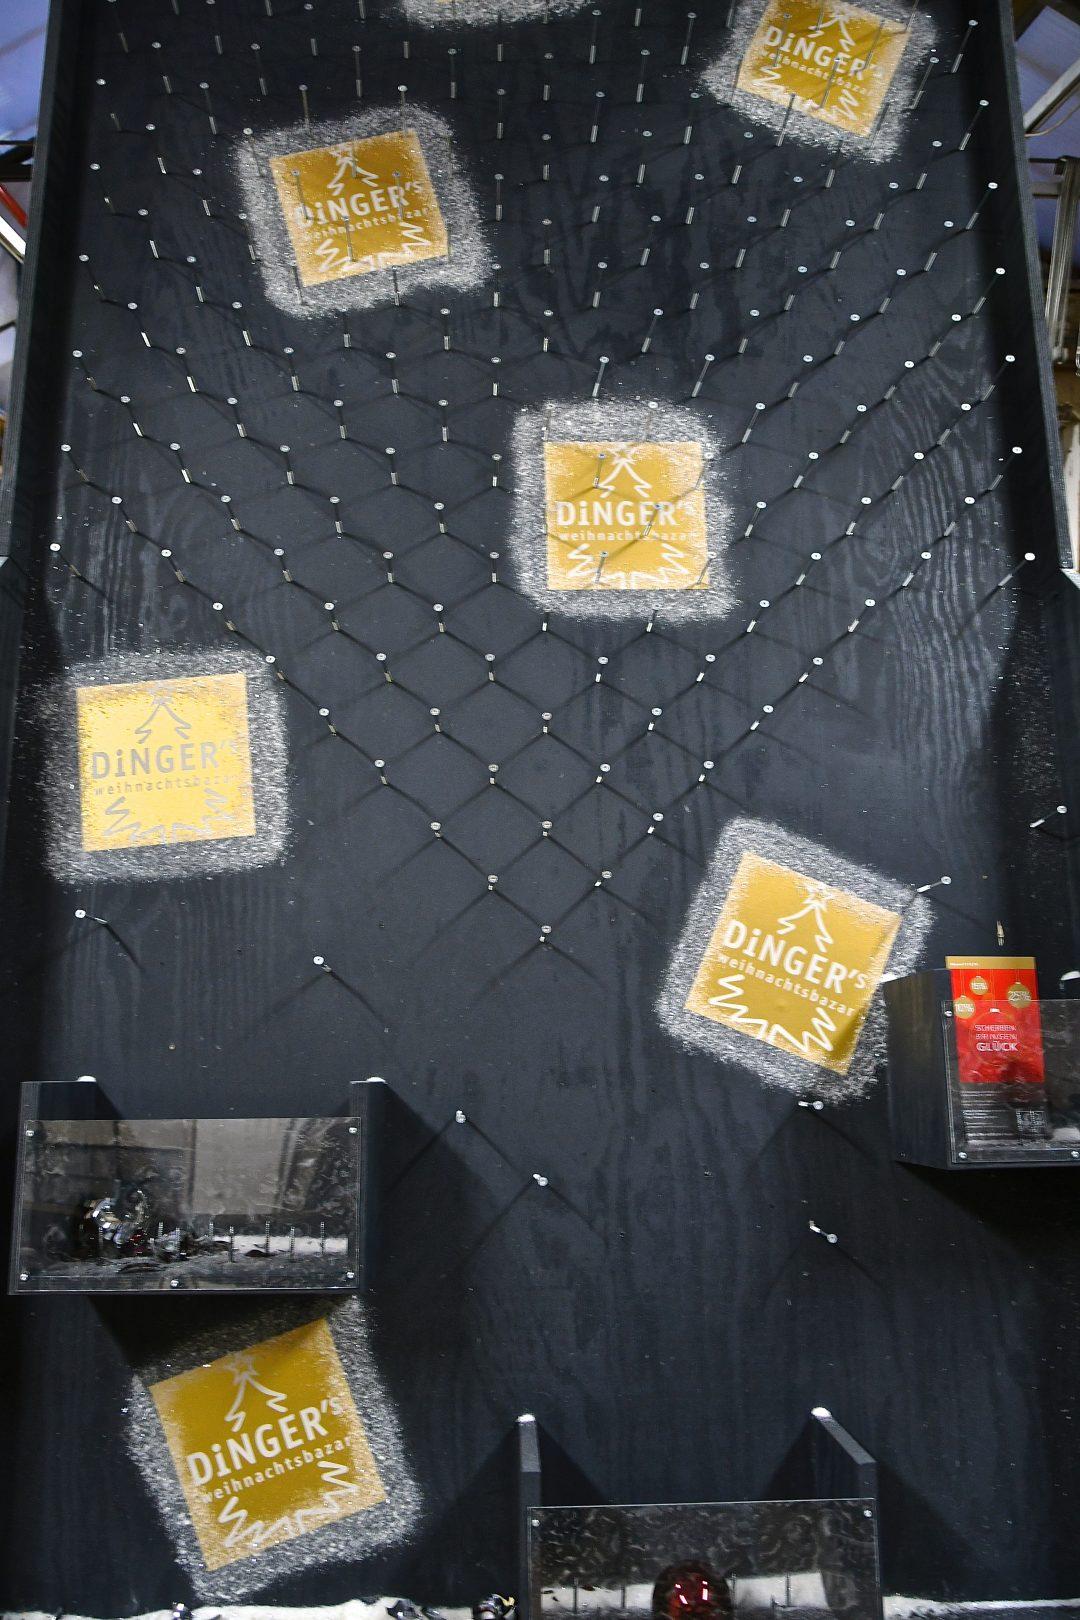 Scherben bringen Glück Rabatt-spiel graue Holzwand mit vielen Schrauben und Logos des Dinger's Weihnachtsbazar.